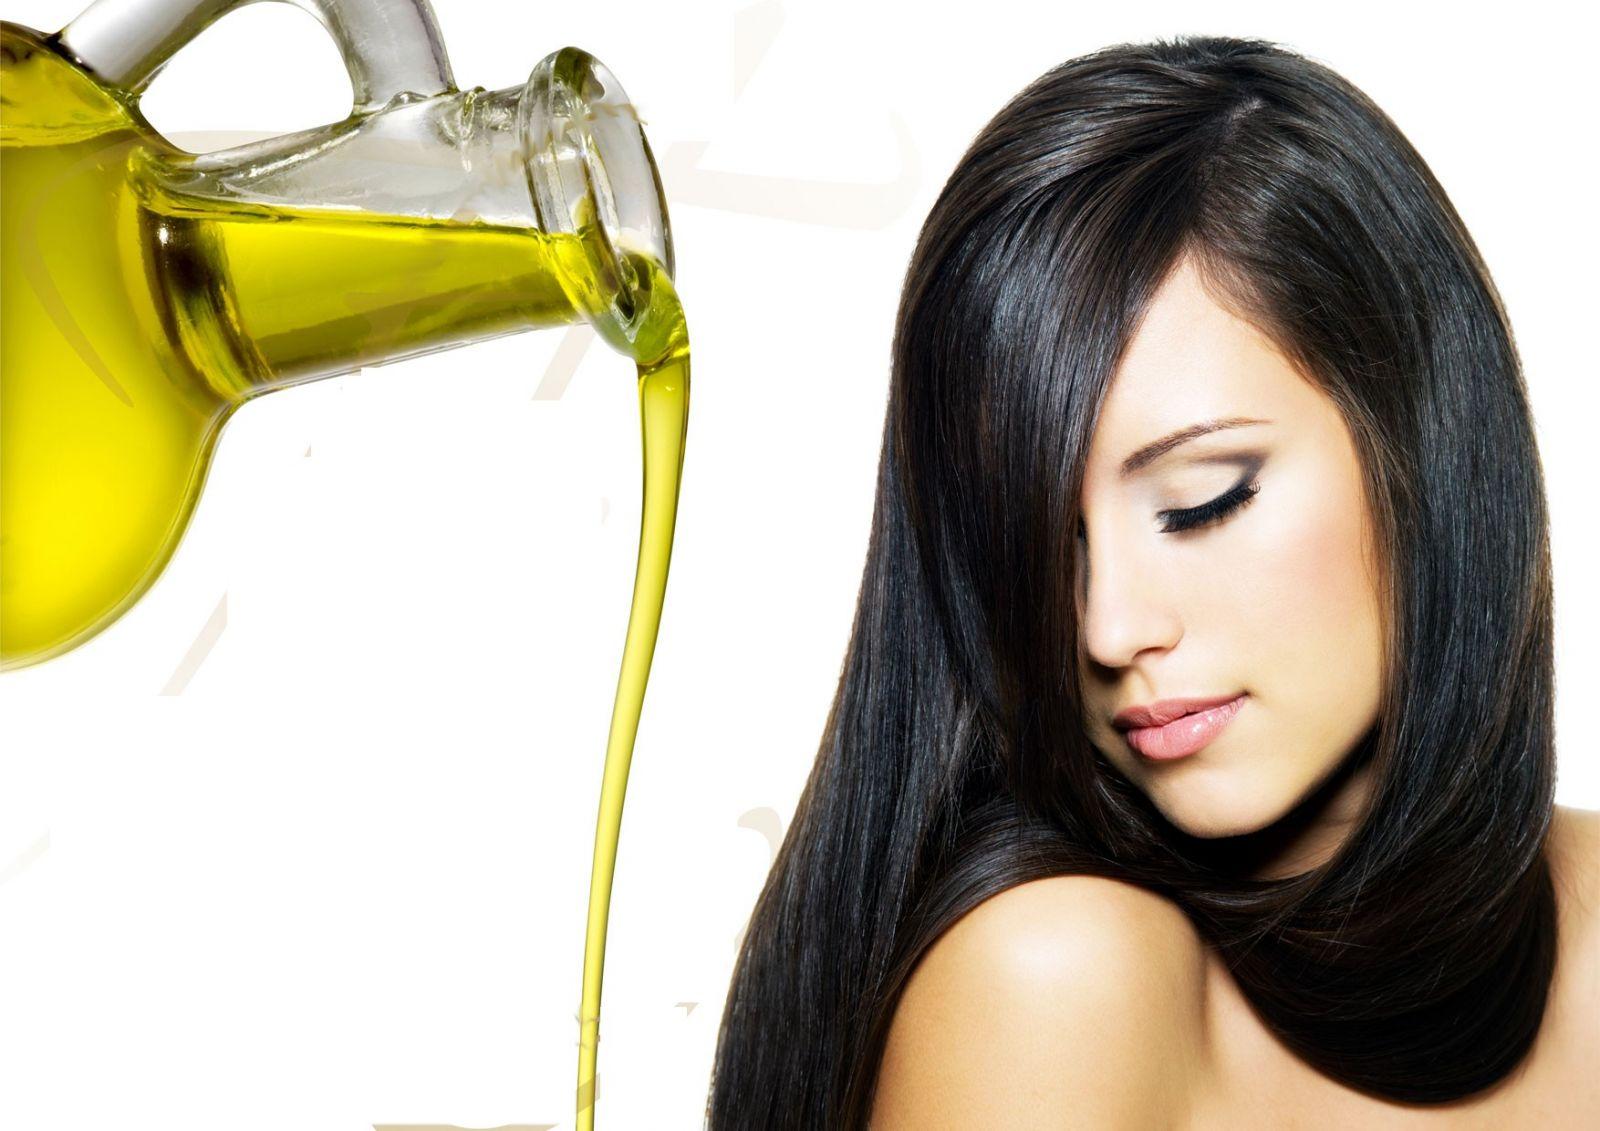 Целебные масла избавят волосы от перхоти